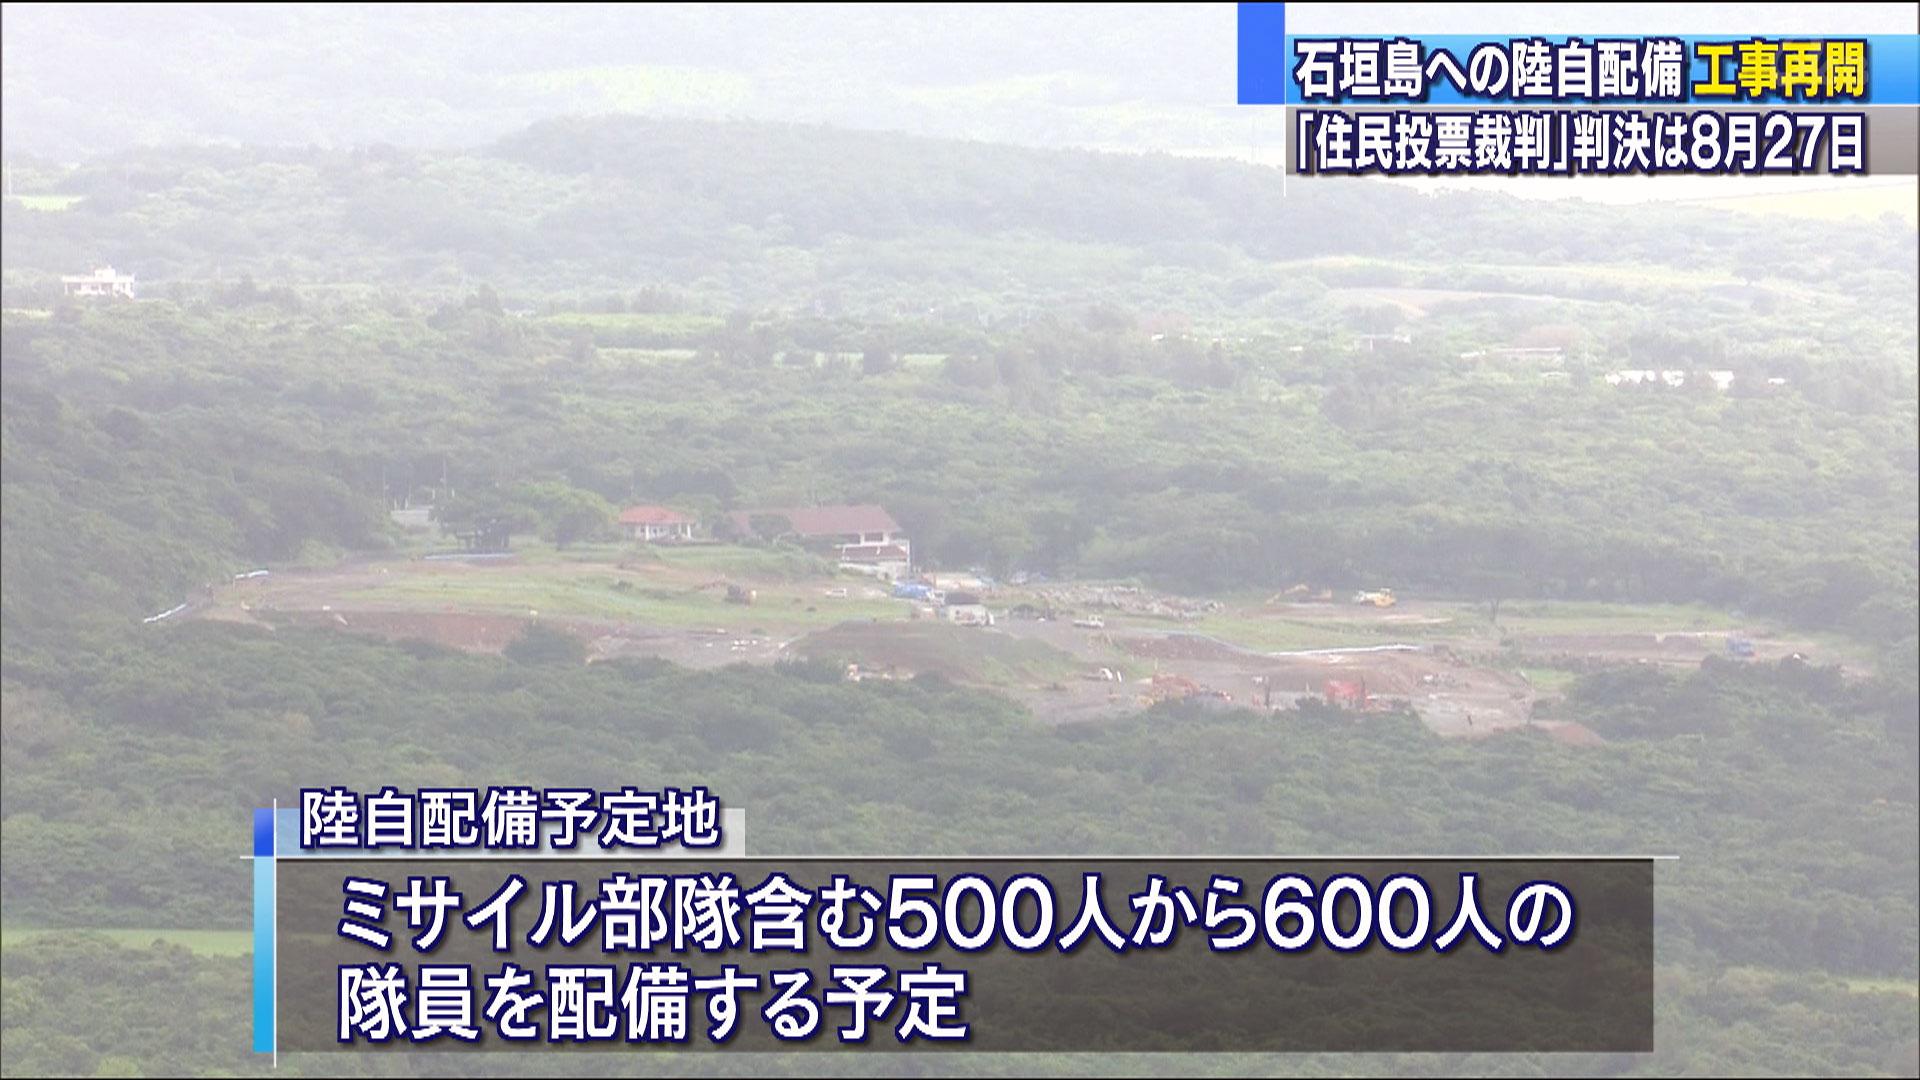 石垣市の予定地 陸自配備に向け工事再開